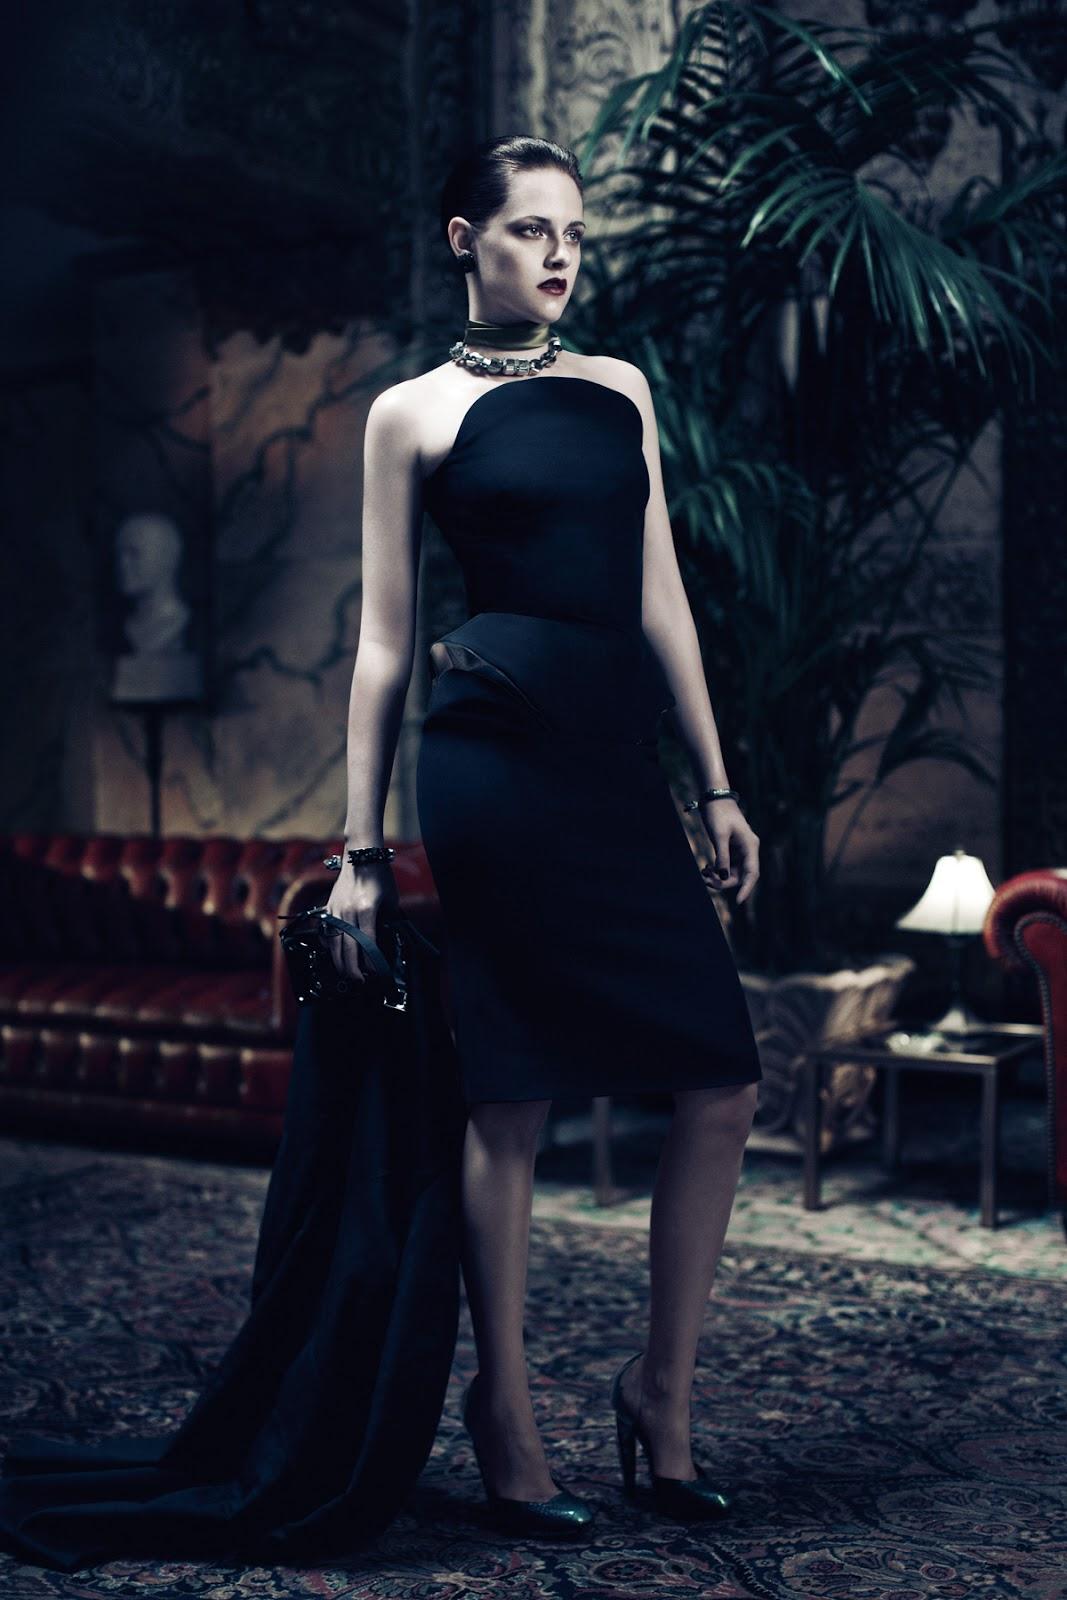 Fashion and Action: Dark Retro Glamour Photos of Kristen ...